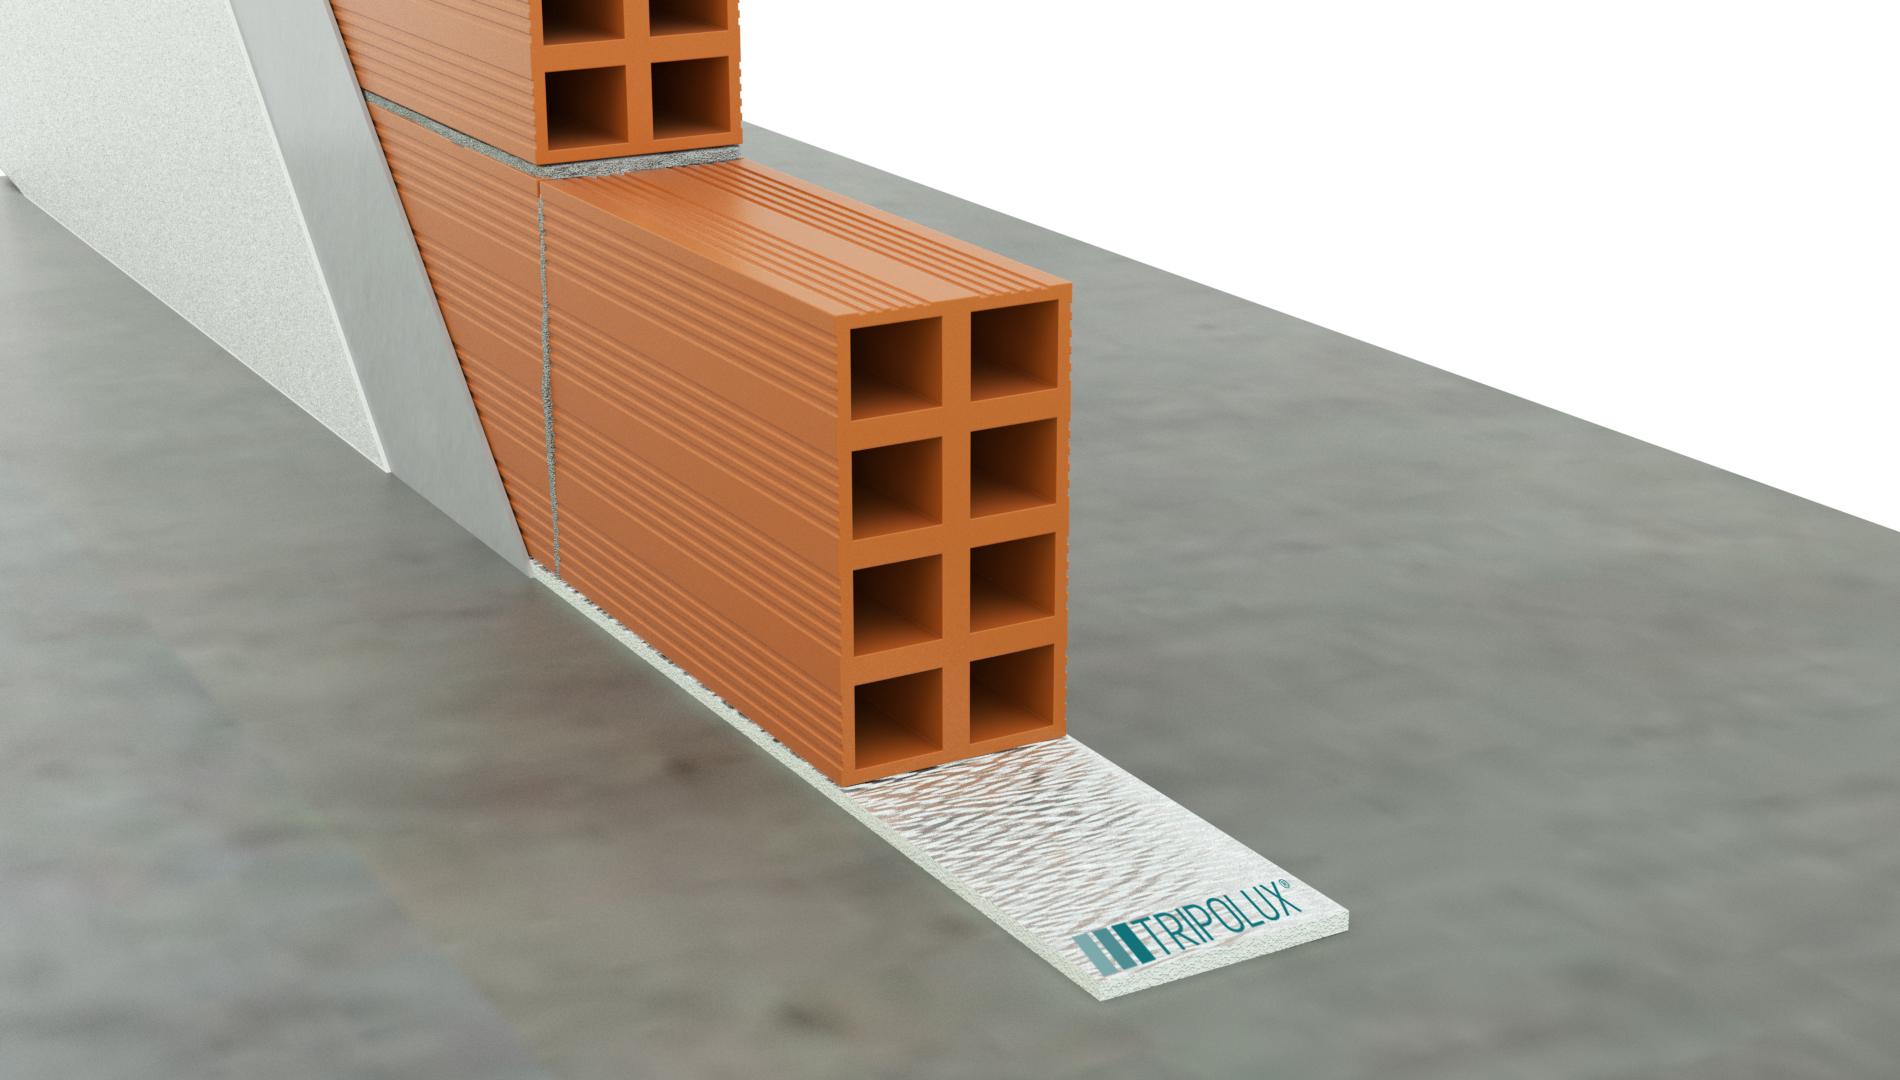 desligamento parede interior